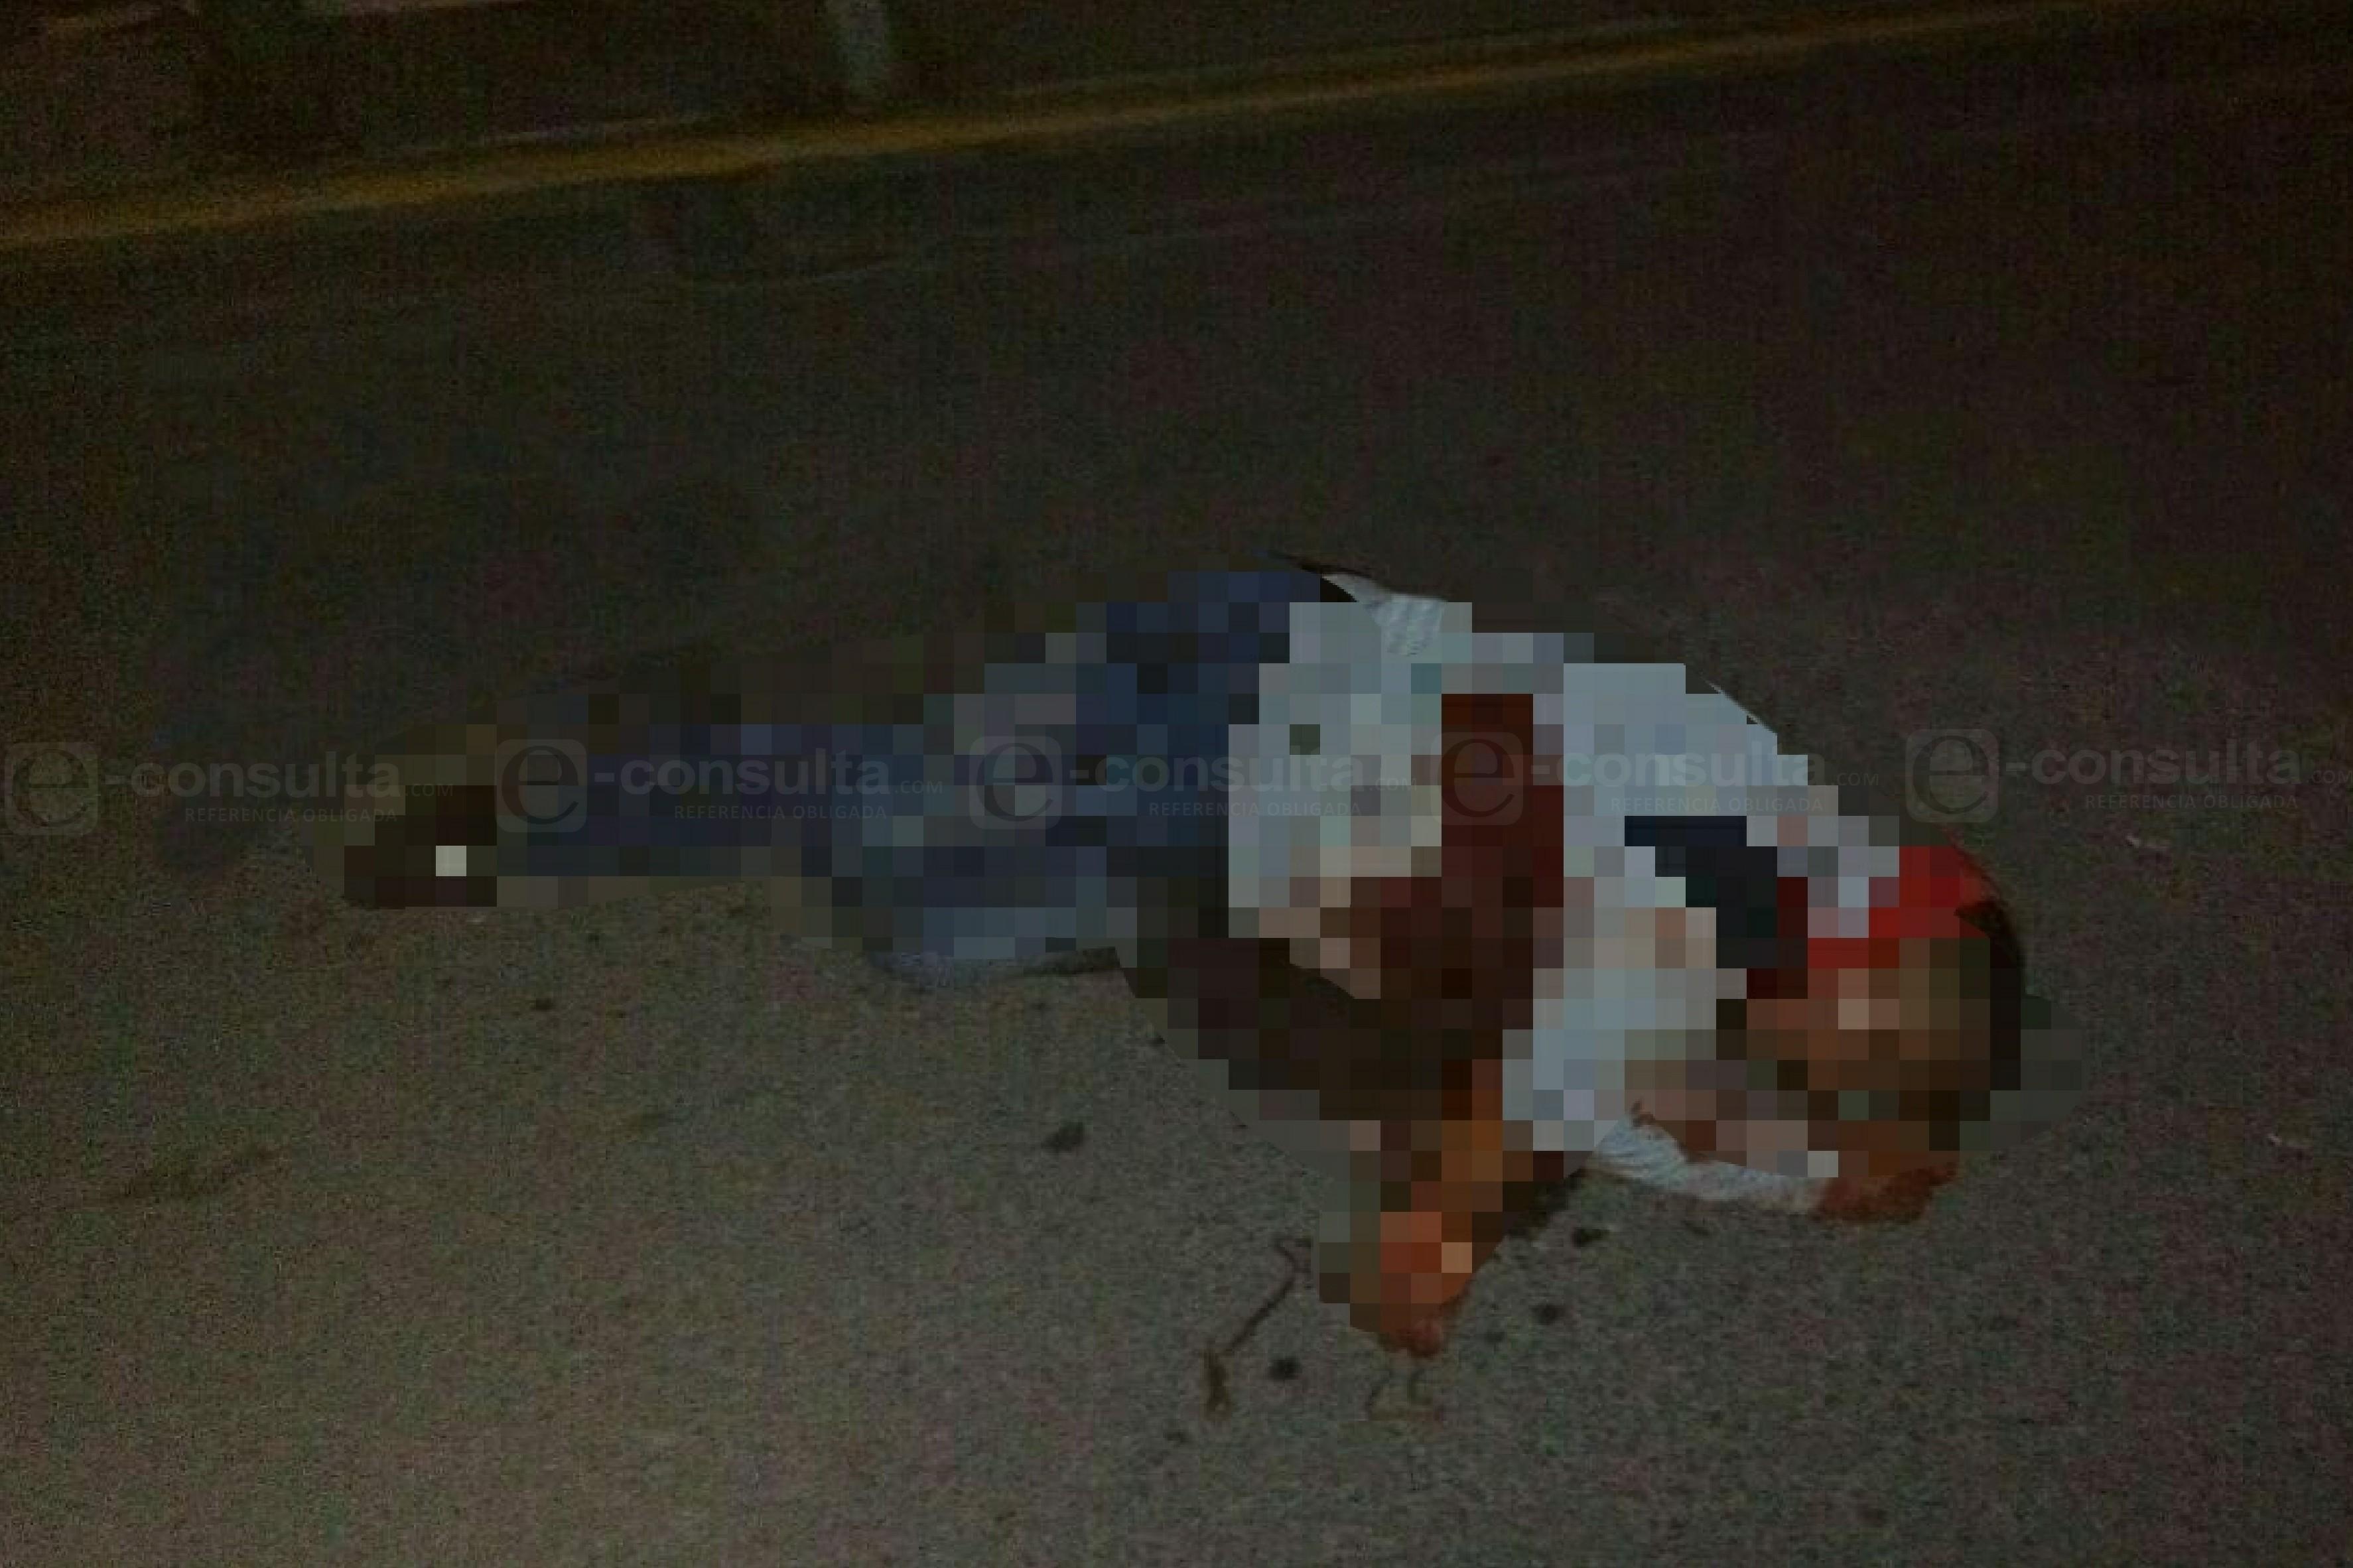 Matan a taxista de 9 puñaladas en Tehuacán